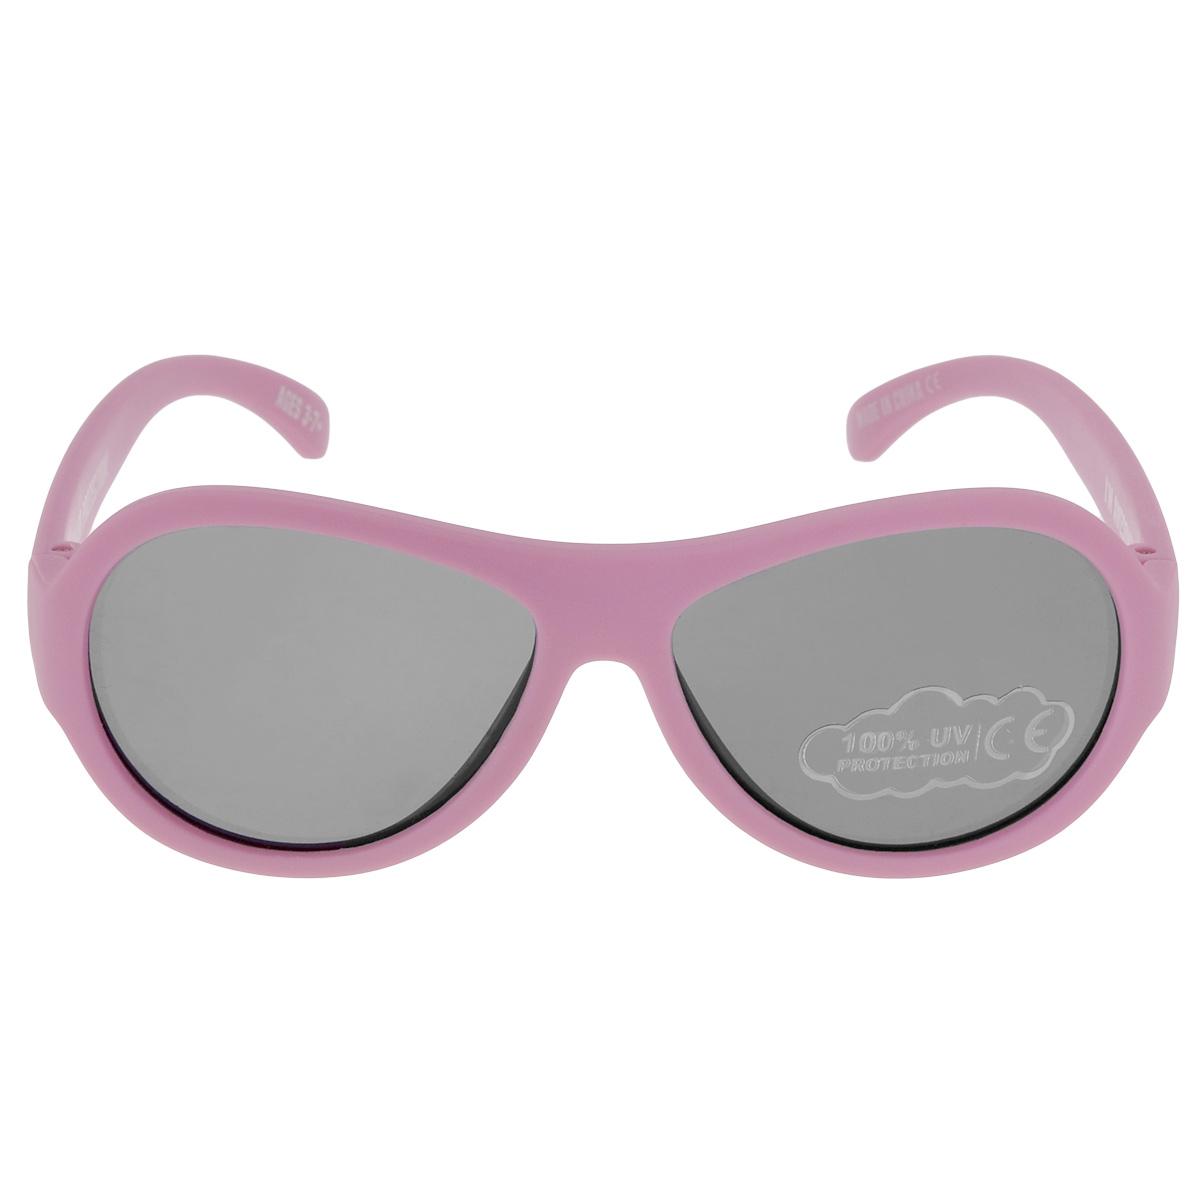 Детские солнцезащитные очки Babiators Принцесса (Princess), цвет: розовый, 3-7 летBAB-008Вы делаете все возможное, чтобы ваши дети были здоровы и в безопасности. Шлемы для езды на велосипеде, солнцезащитный крем для прогулок на солнце... Но как насчёт влияния солнца на глаза вашего ребёнка? Правда в том, что сетчатка глаза у детей развивается вместе с самим ребёнком. Это означает, что глаза малышей не могут отфильтровать УФ-излучение. Проблема понятна - детям нужна настоящая защита, чтобы глазки были в безопасности, а зрение сильным. Каждая пара солнцезащитных очков Babiators для детей обеспечивает 100% защиту от UVA и UVB. Прочные линзы высшего качества не подведут в самых сложных переделках. В отличие от обычных пластиковых очков, оправа Babiators выполнена из гибкого прорезиненного материала, что делает их ударопрочными, их можно сгибать и крутить - они не сломаются и вернутся в прежнюю форму. Не бойтесь, что ребёнок сядет на них - они всё выдержат. Будьте уверены, что очки Babiators созданы безопасными, прочными и классными, так что вы и ваш ребенок можете...